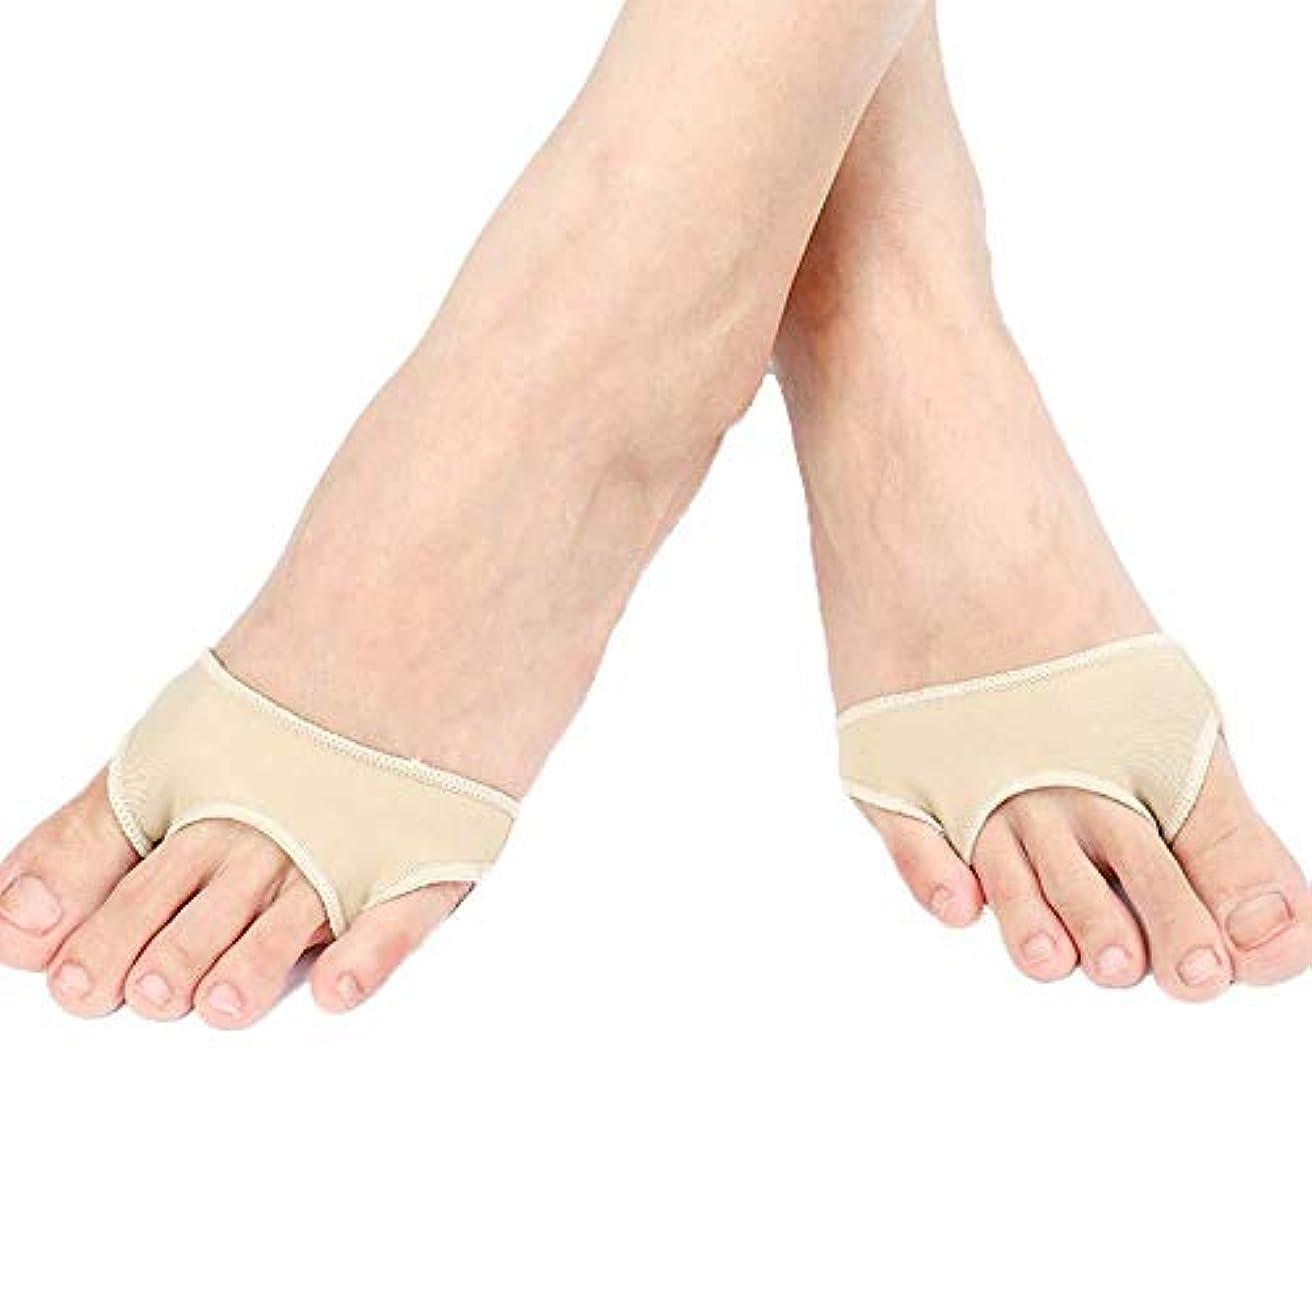 明らかに陰気プレビスサイトつま先セパレーター、矯正足の親指矯正器、つま先の痛み、および外反母painの痛みの緩和のための内蔵シリコンジェルパッド,M